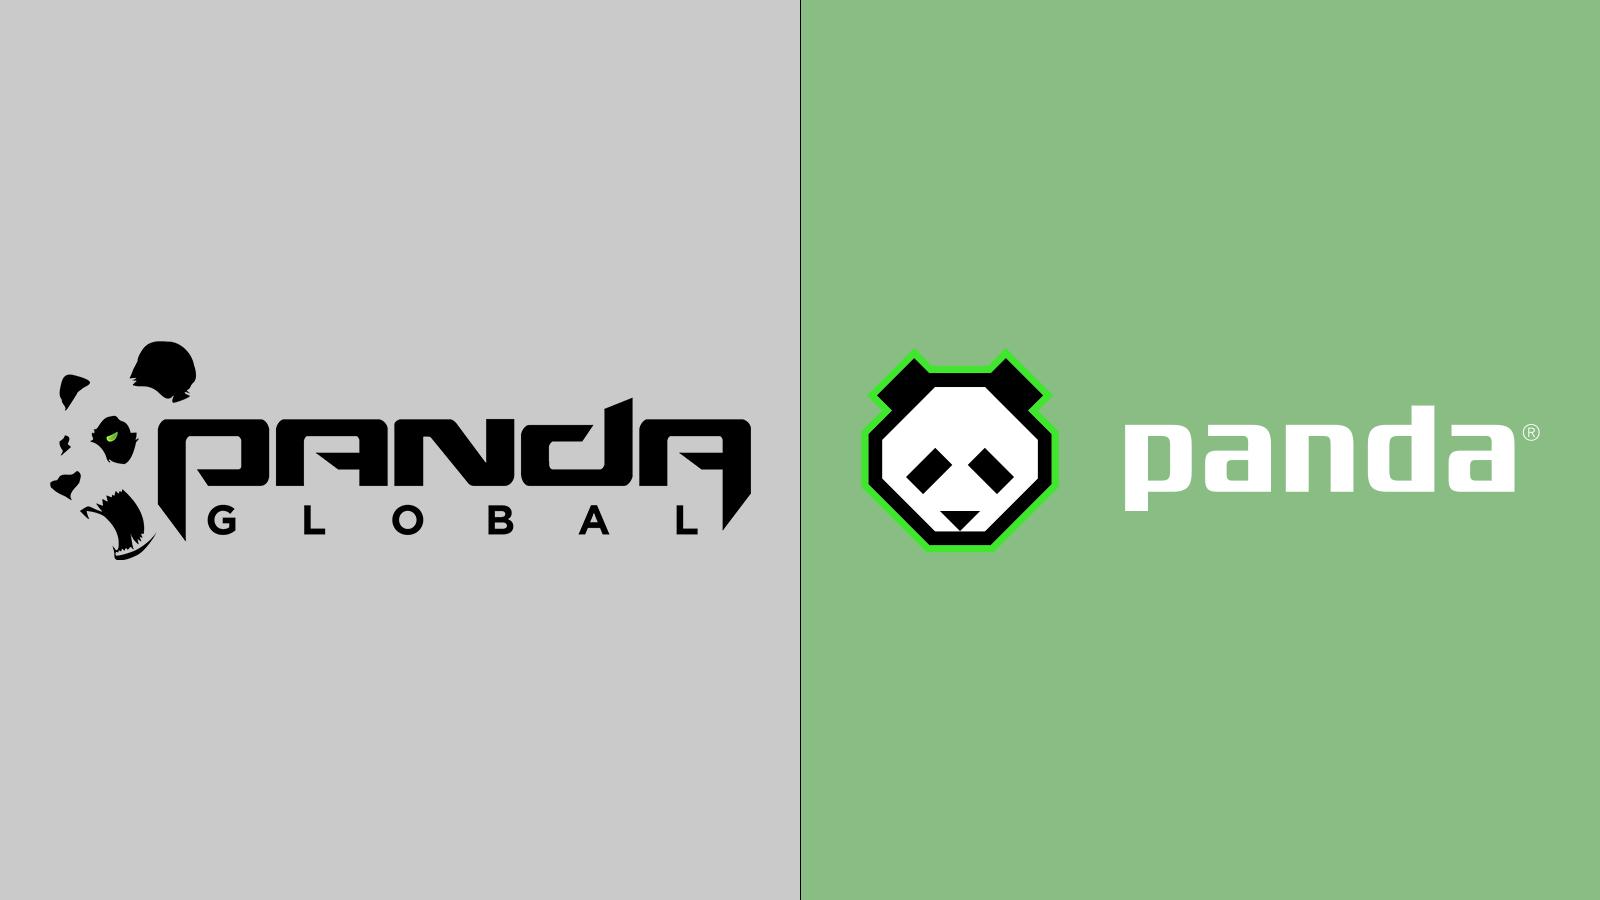 Panda Global rebrand